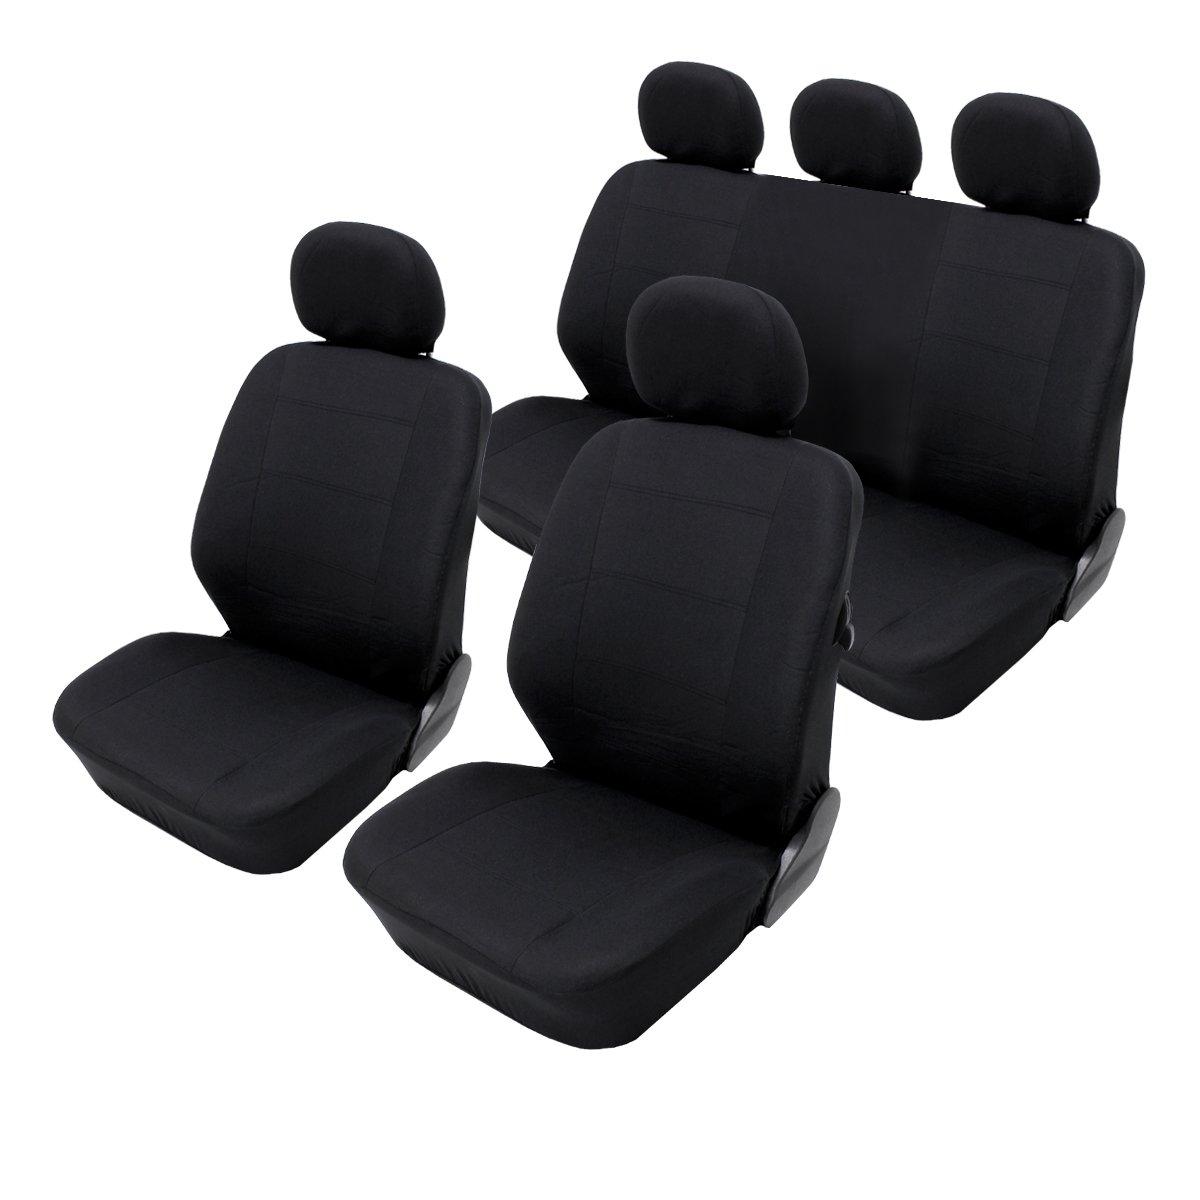 ECD Germany Coprisedili auto universali particulari coperture sedile auto universale impermeabili nere lavabili